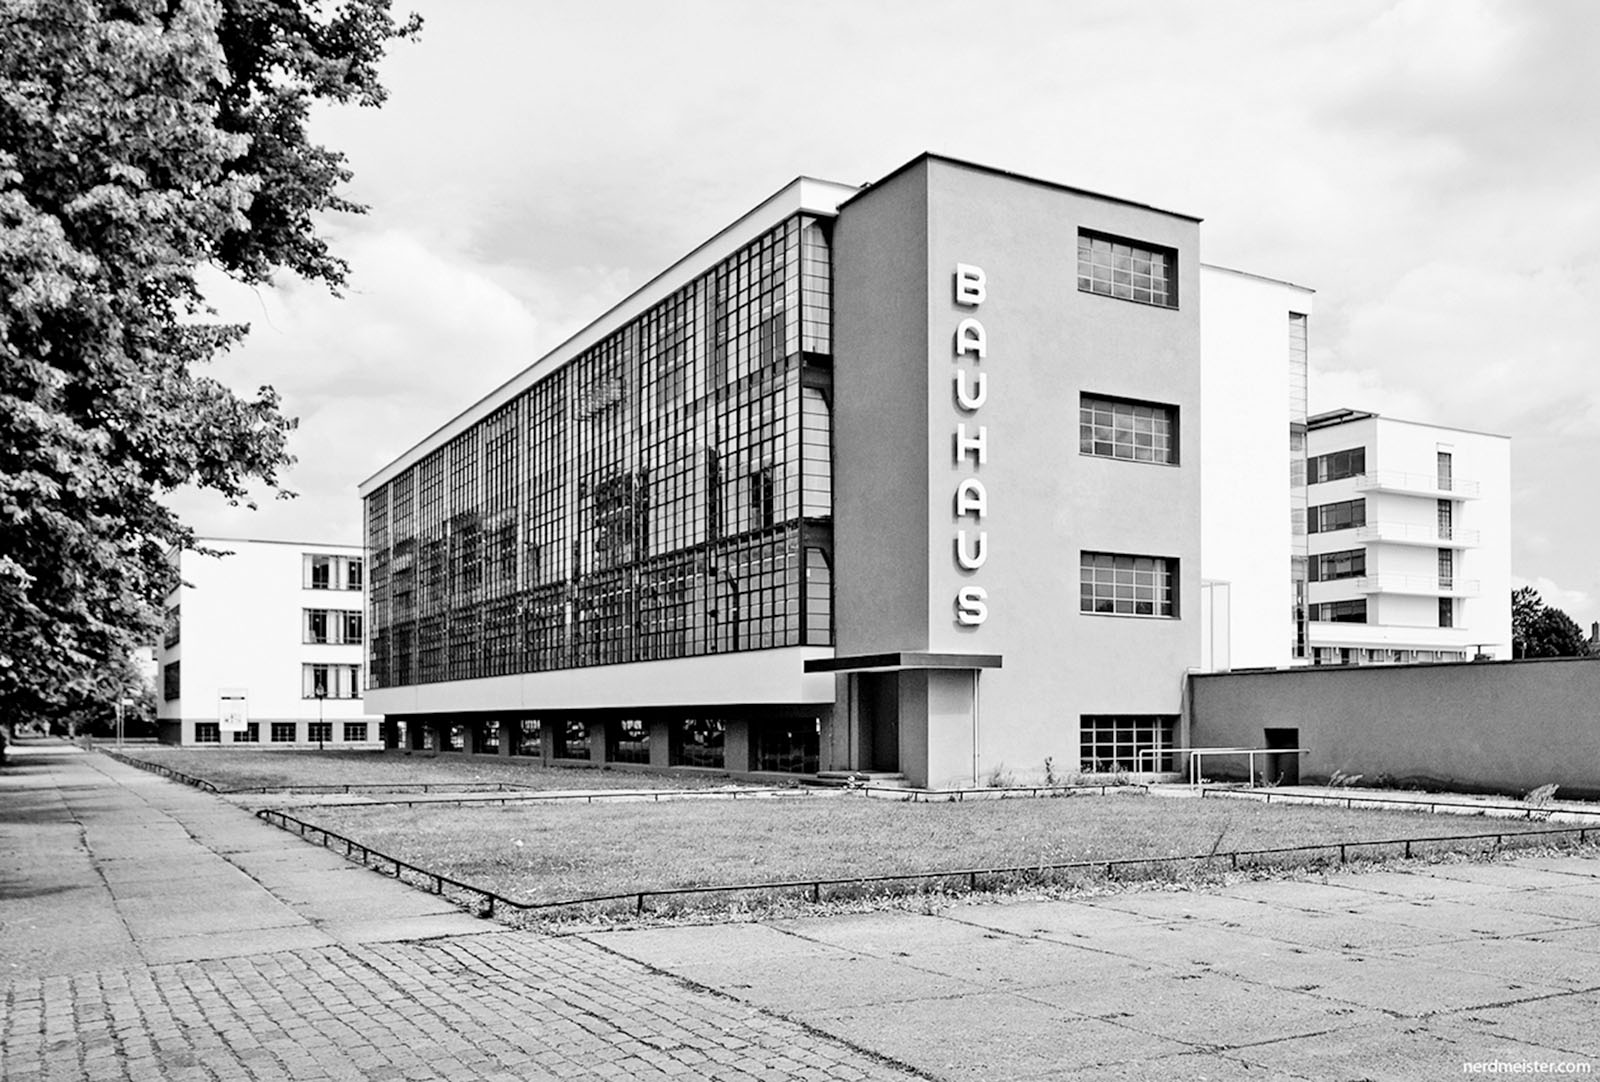 PÚBLICO - É assim que a Bauhaus faz a festa dos 100 anos em 2019